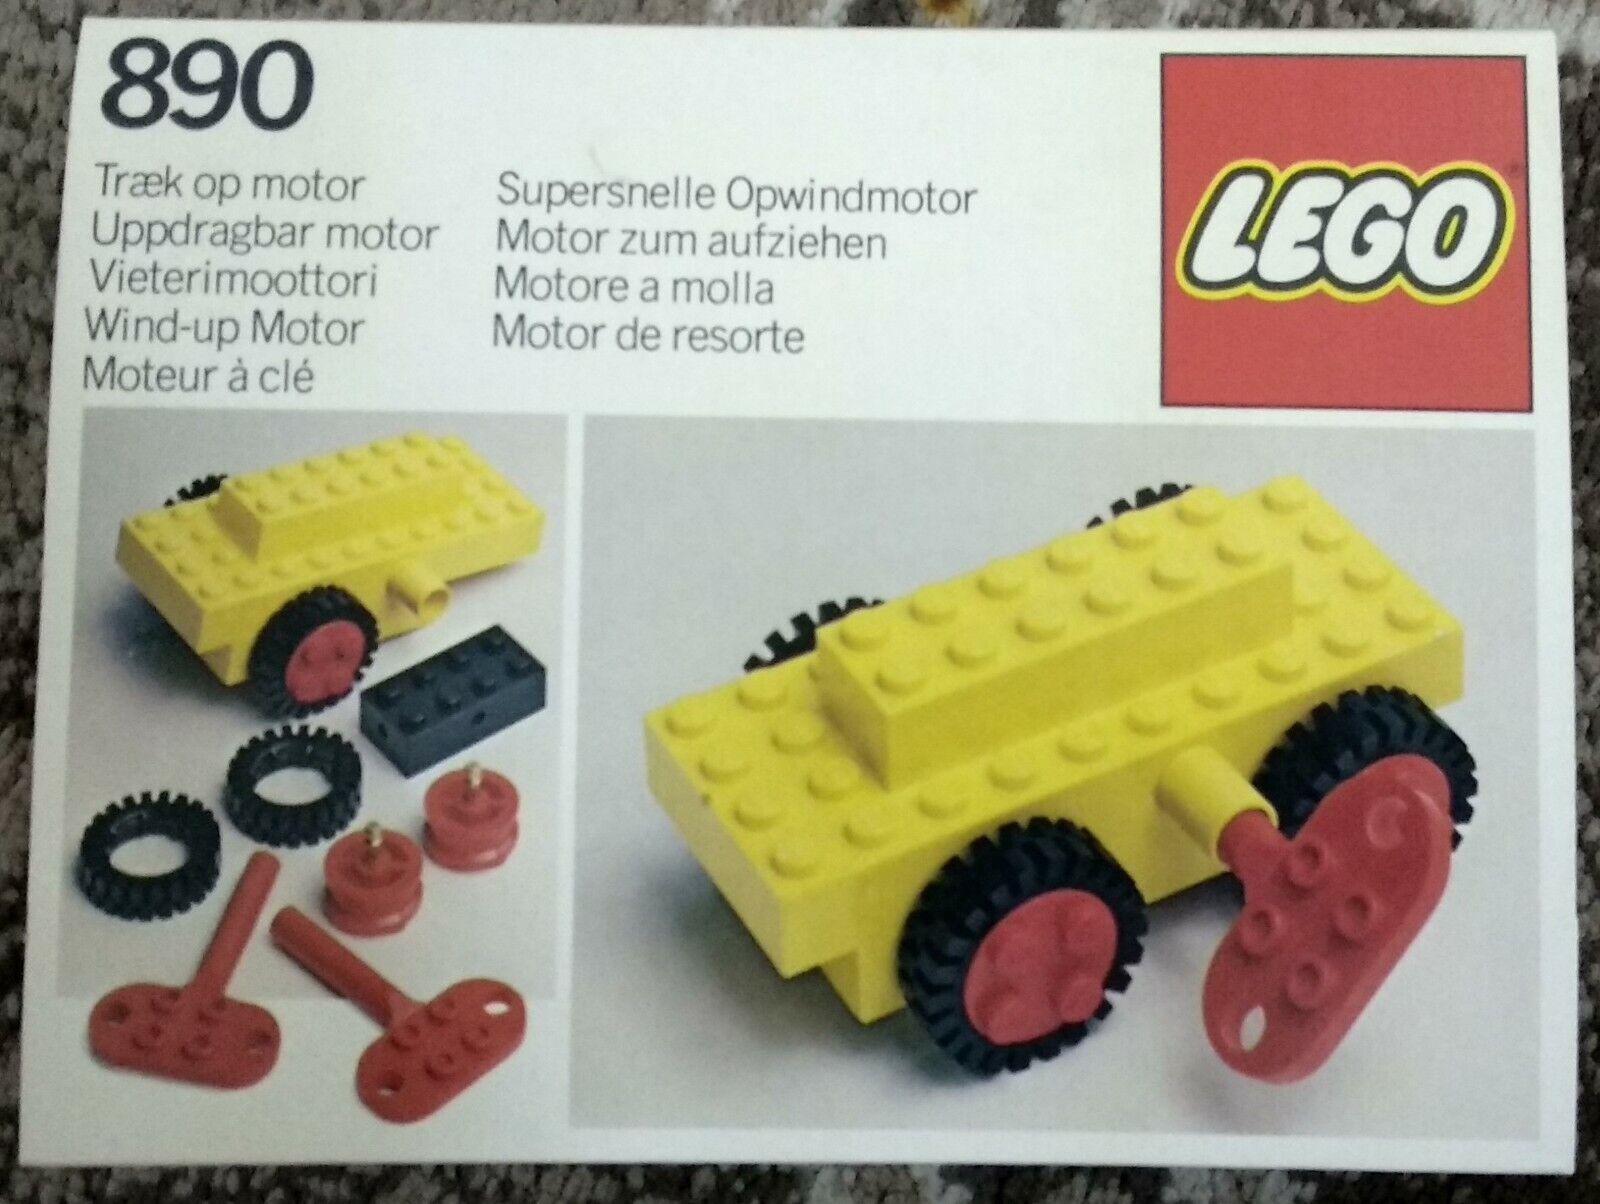 Lego engine key vintage classic wind up motor key x385 bb0047 set 895 890 599